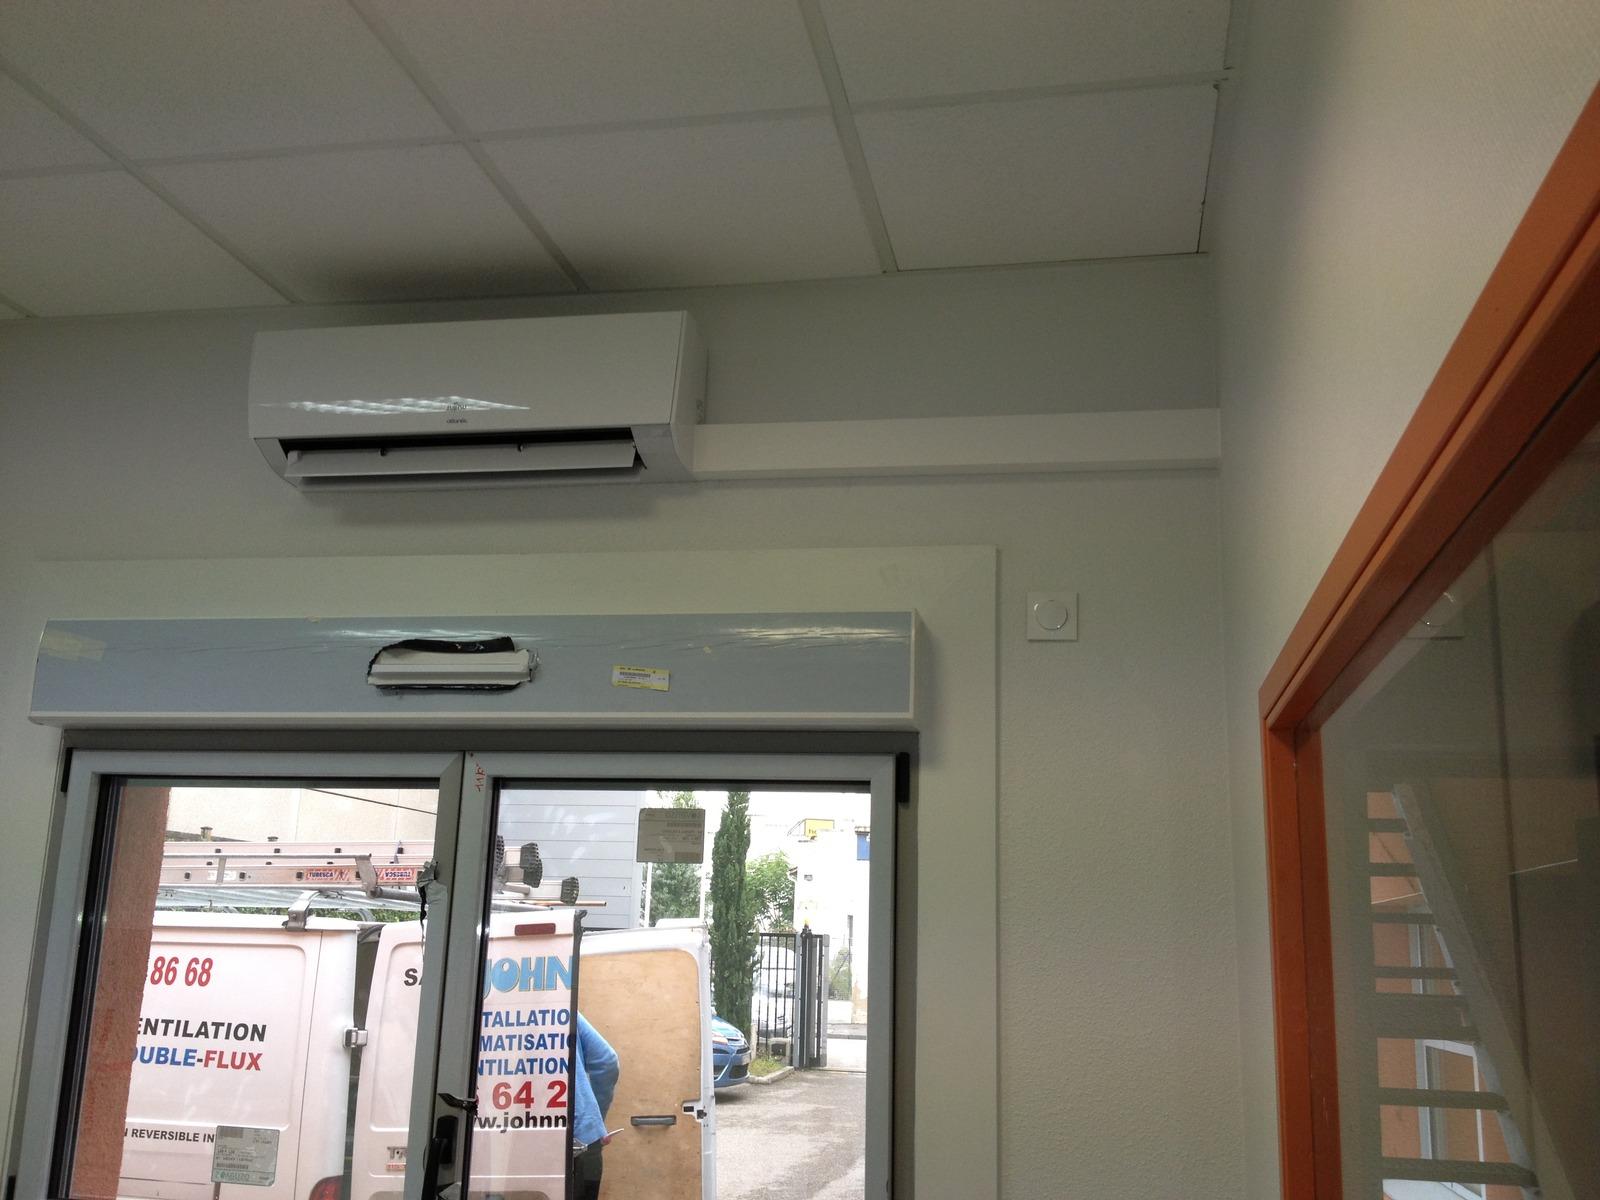 Installer Une Clim Réversible se rapportant à climatisation réversible chaponost : climatisation - johnny clim